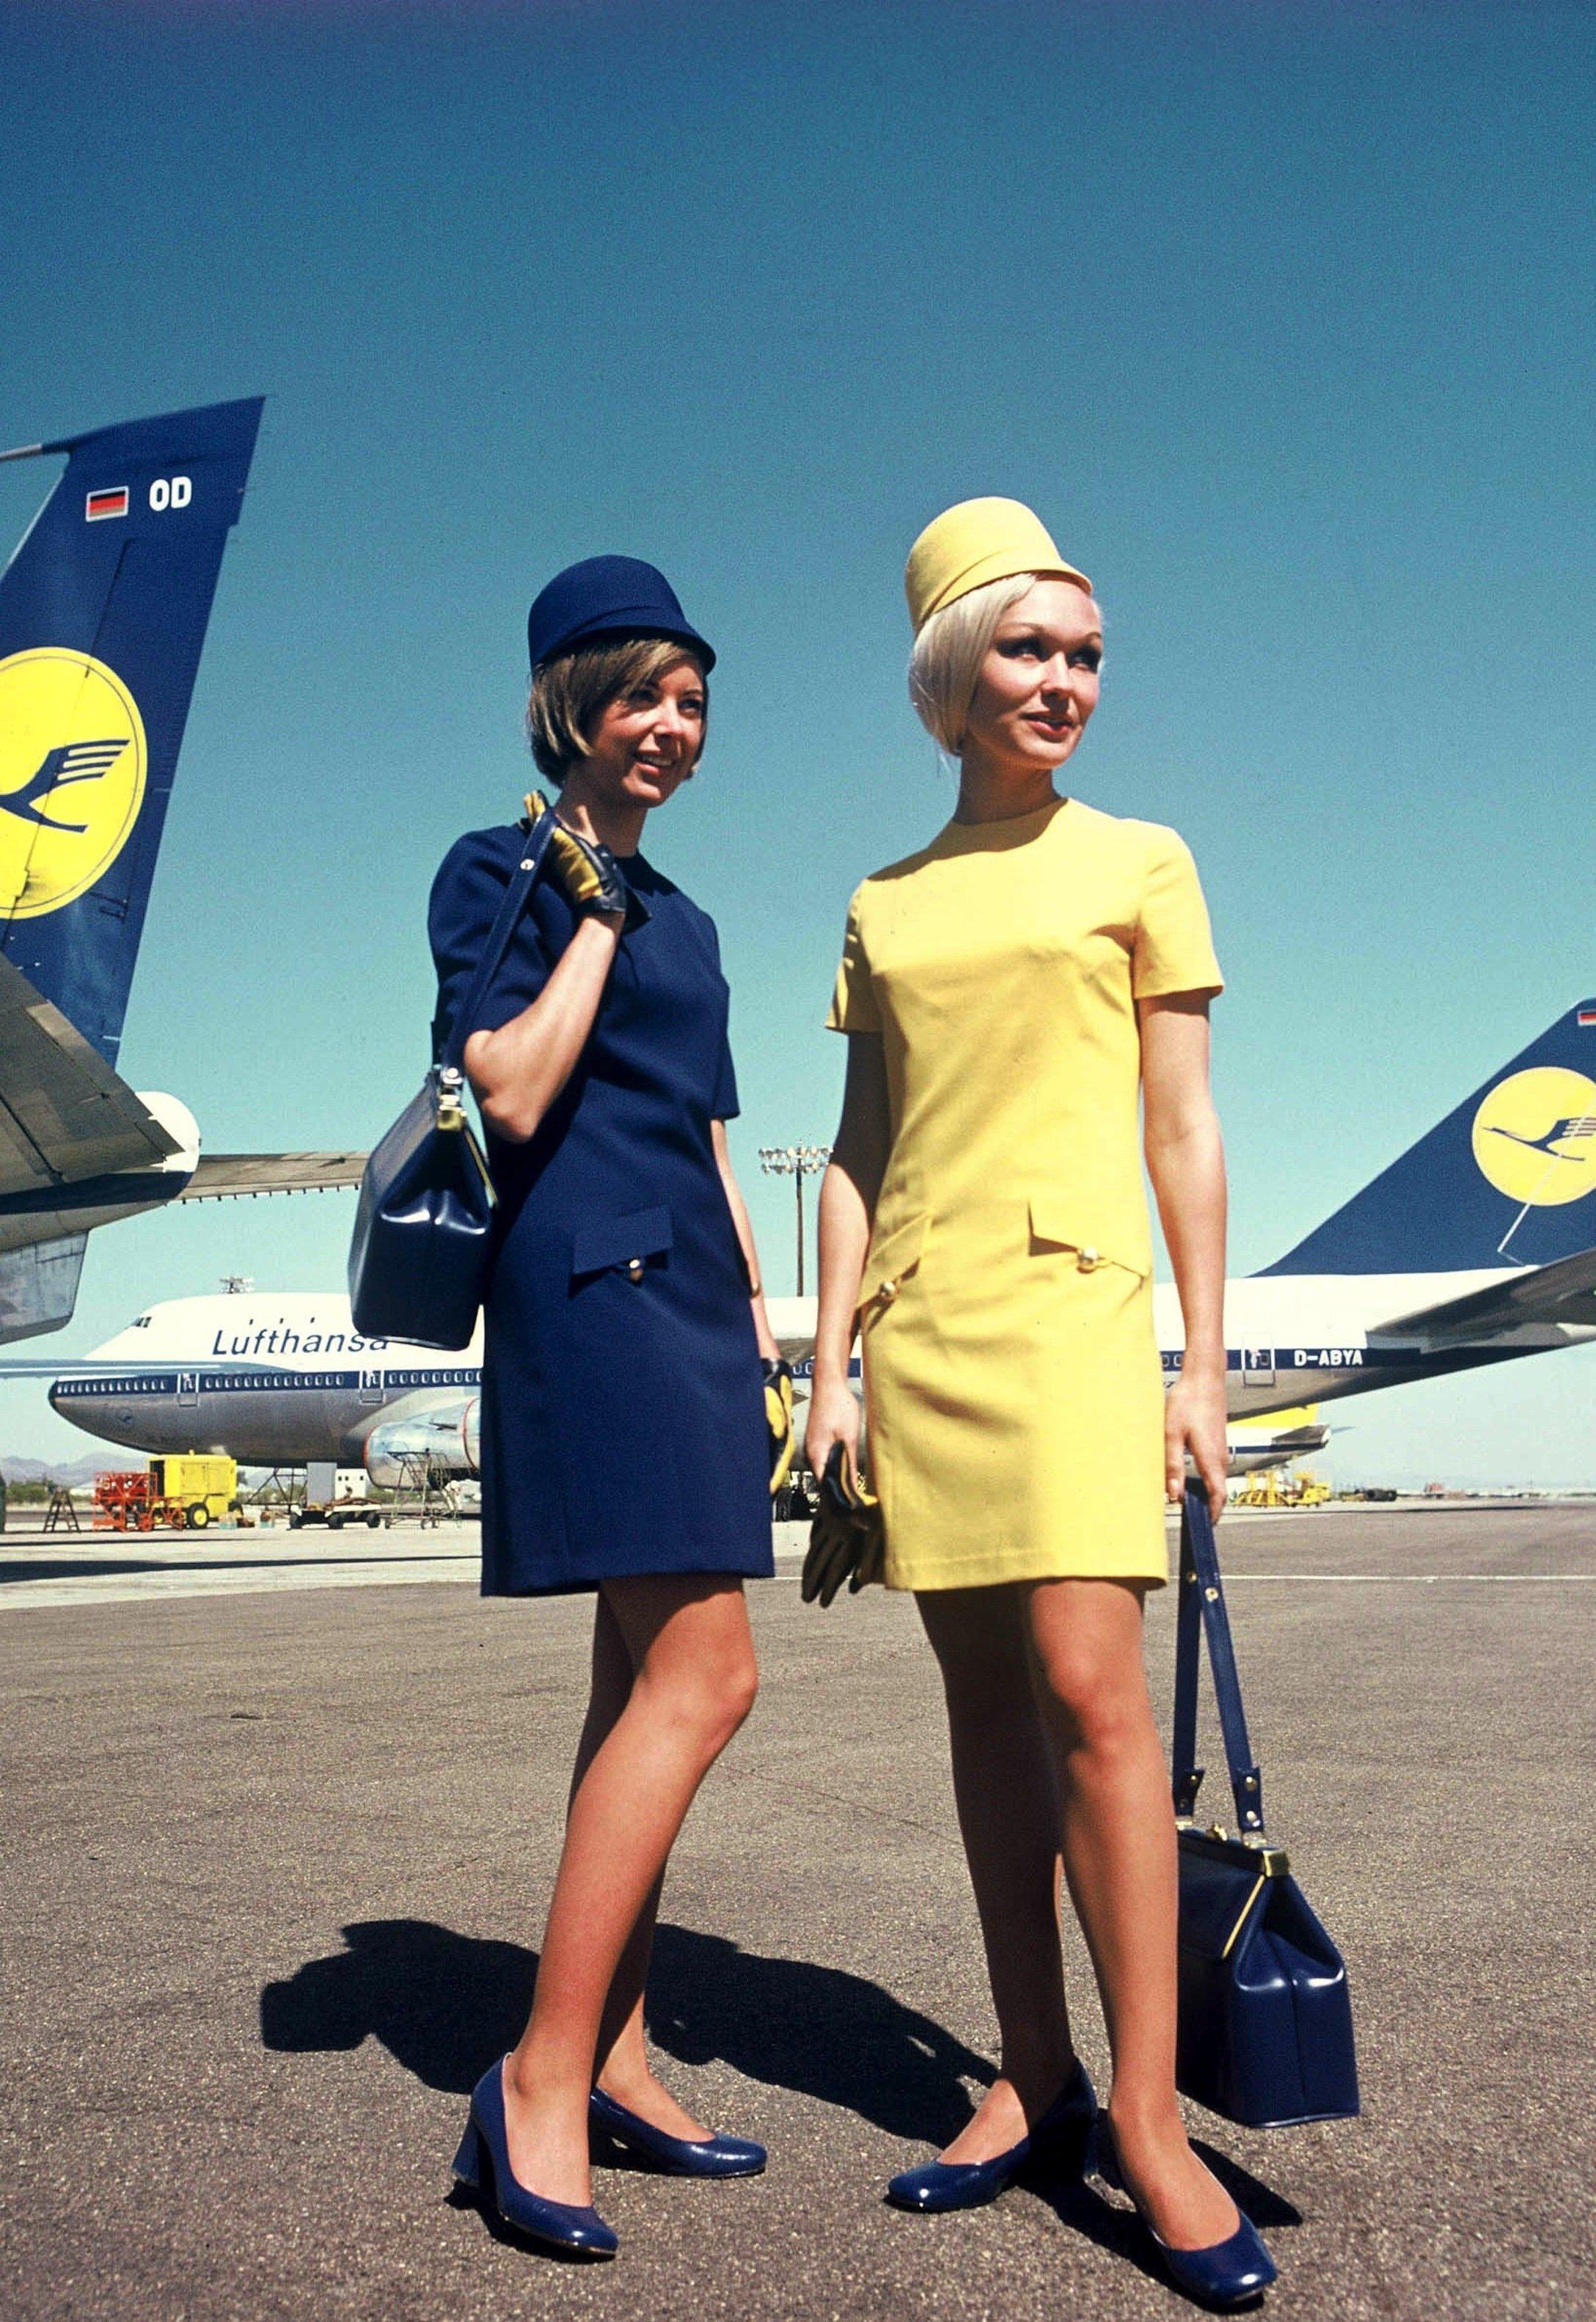 Uniformen für Flugbegleiterinnen der Deutschen Lufthansa, entworfen 1970 von Werner Machnik.